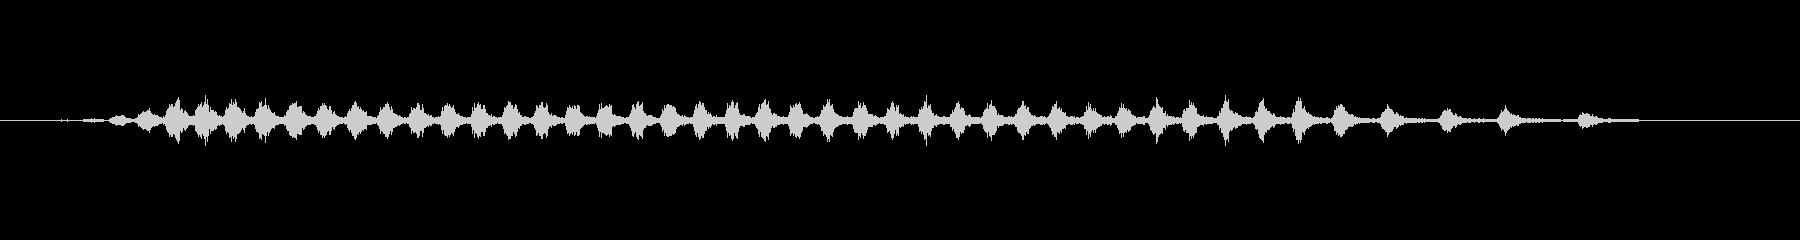 カナ カナ カナ (ひぐらしの鳴き声)の未再生の波形